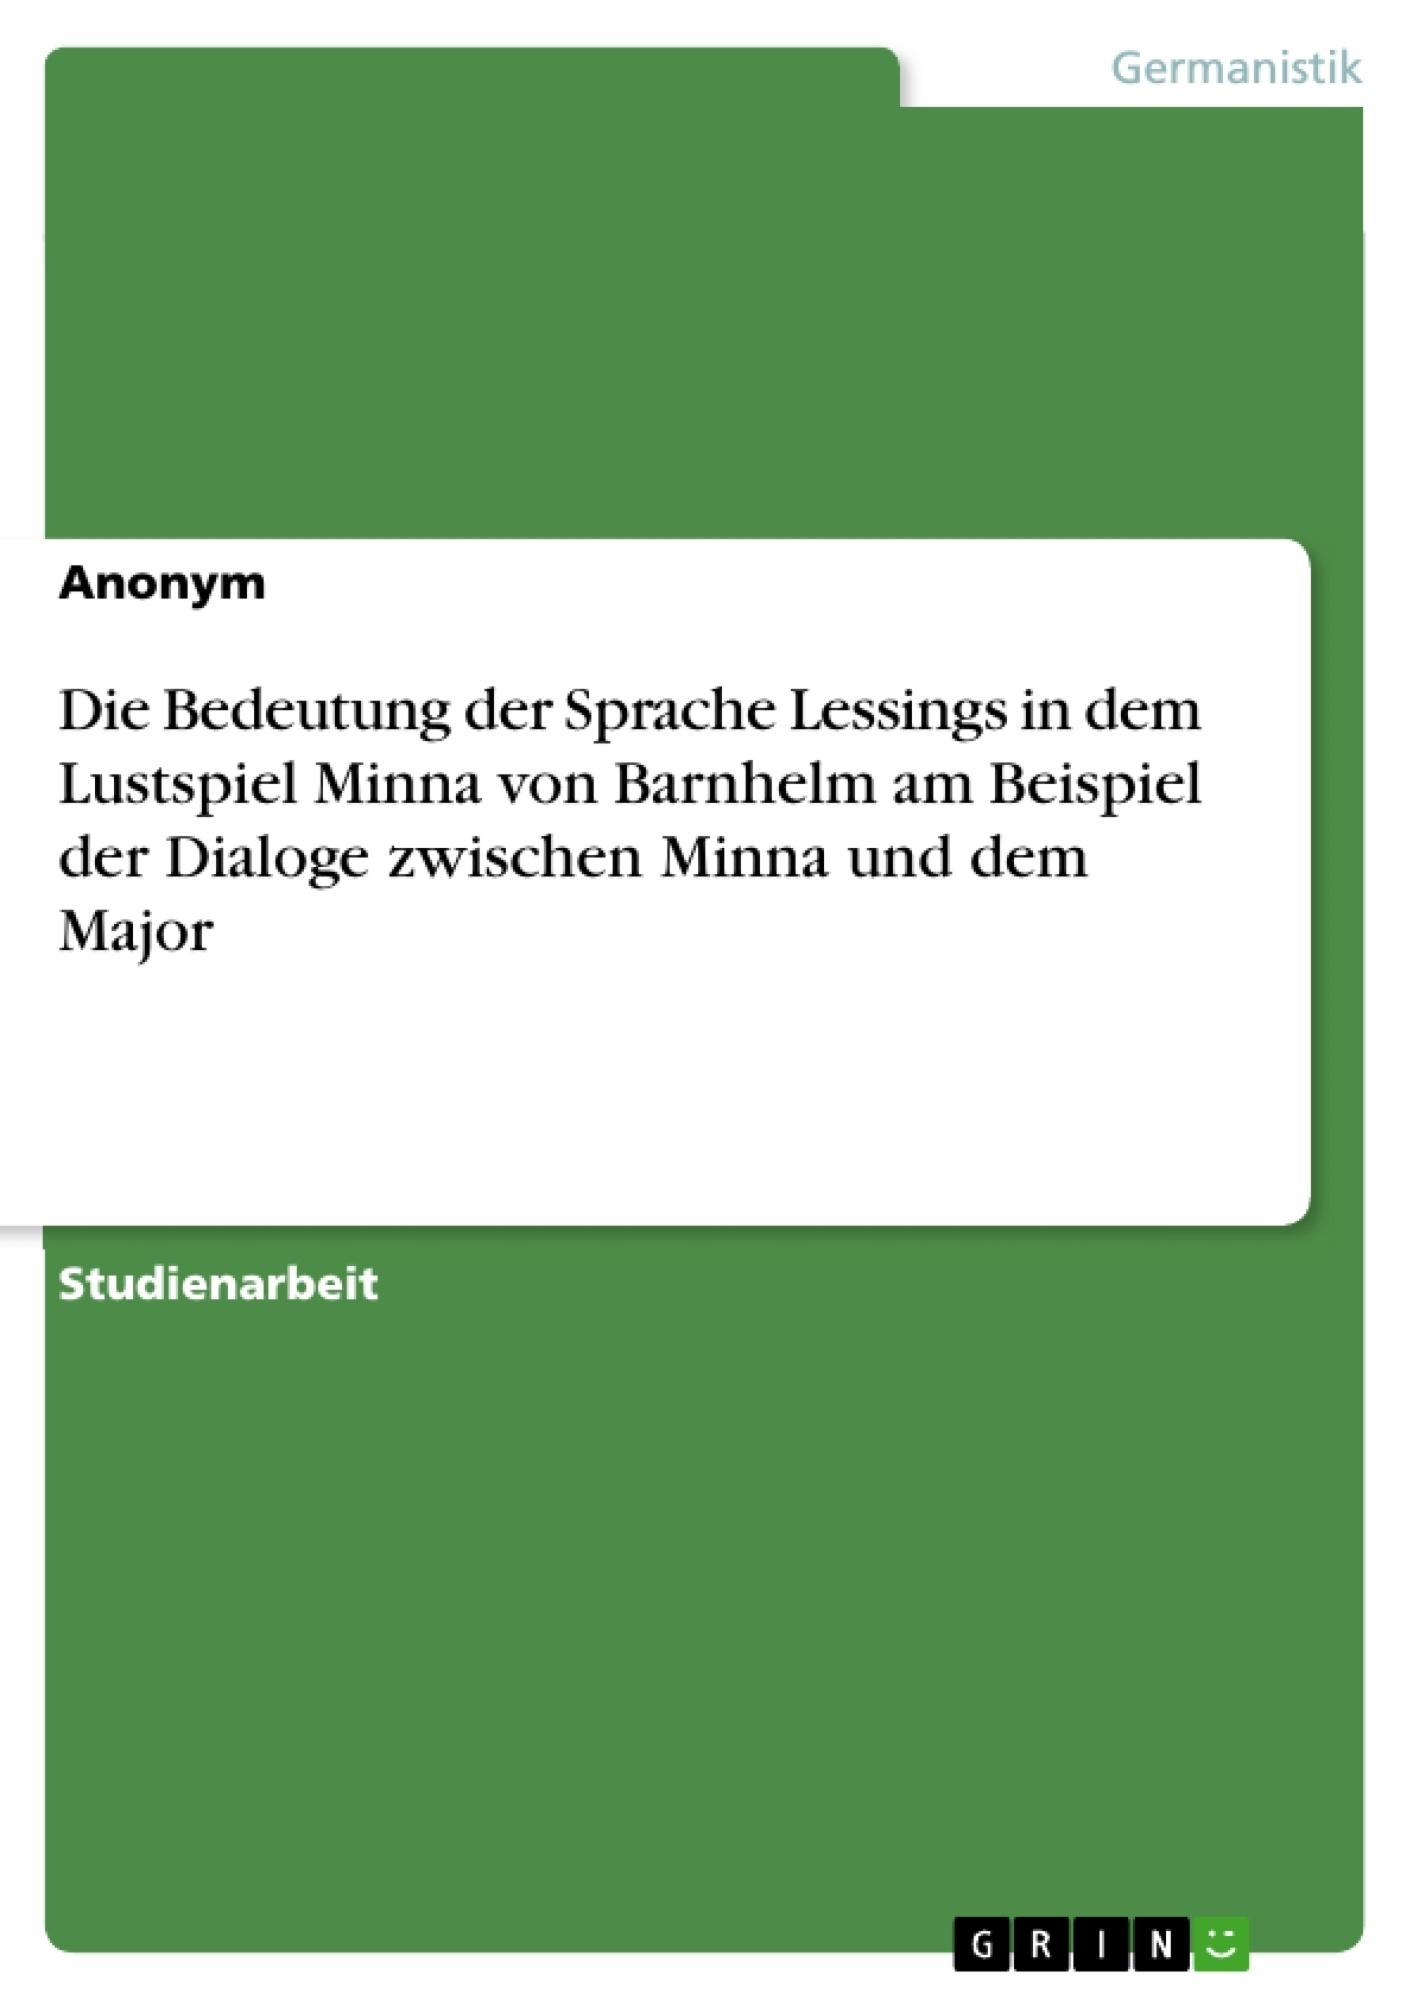 Titel: Die Bedeutung der Sprache Lessings in dem Lustspiel Minna von Barnhelm am Beispiel der Dialoge zwischen Minna und dem Major